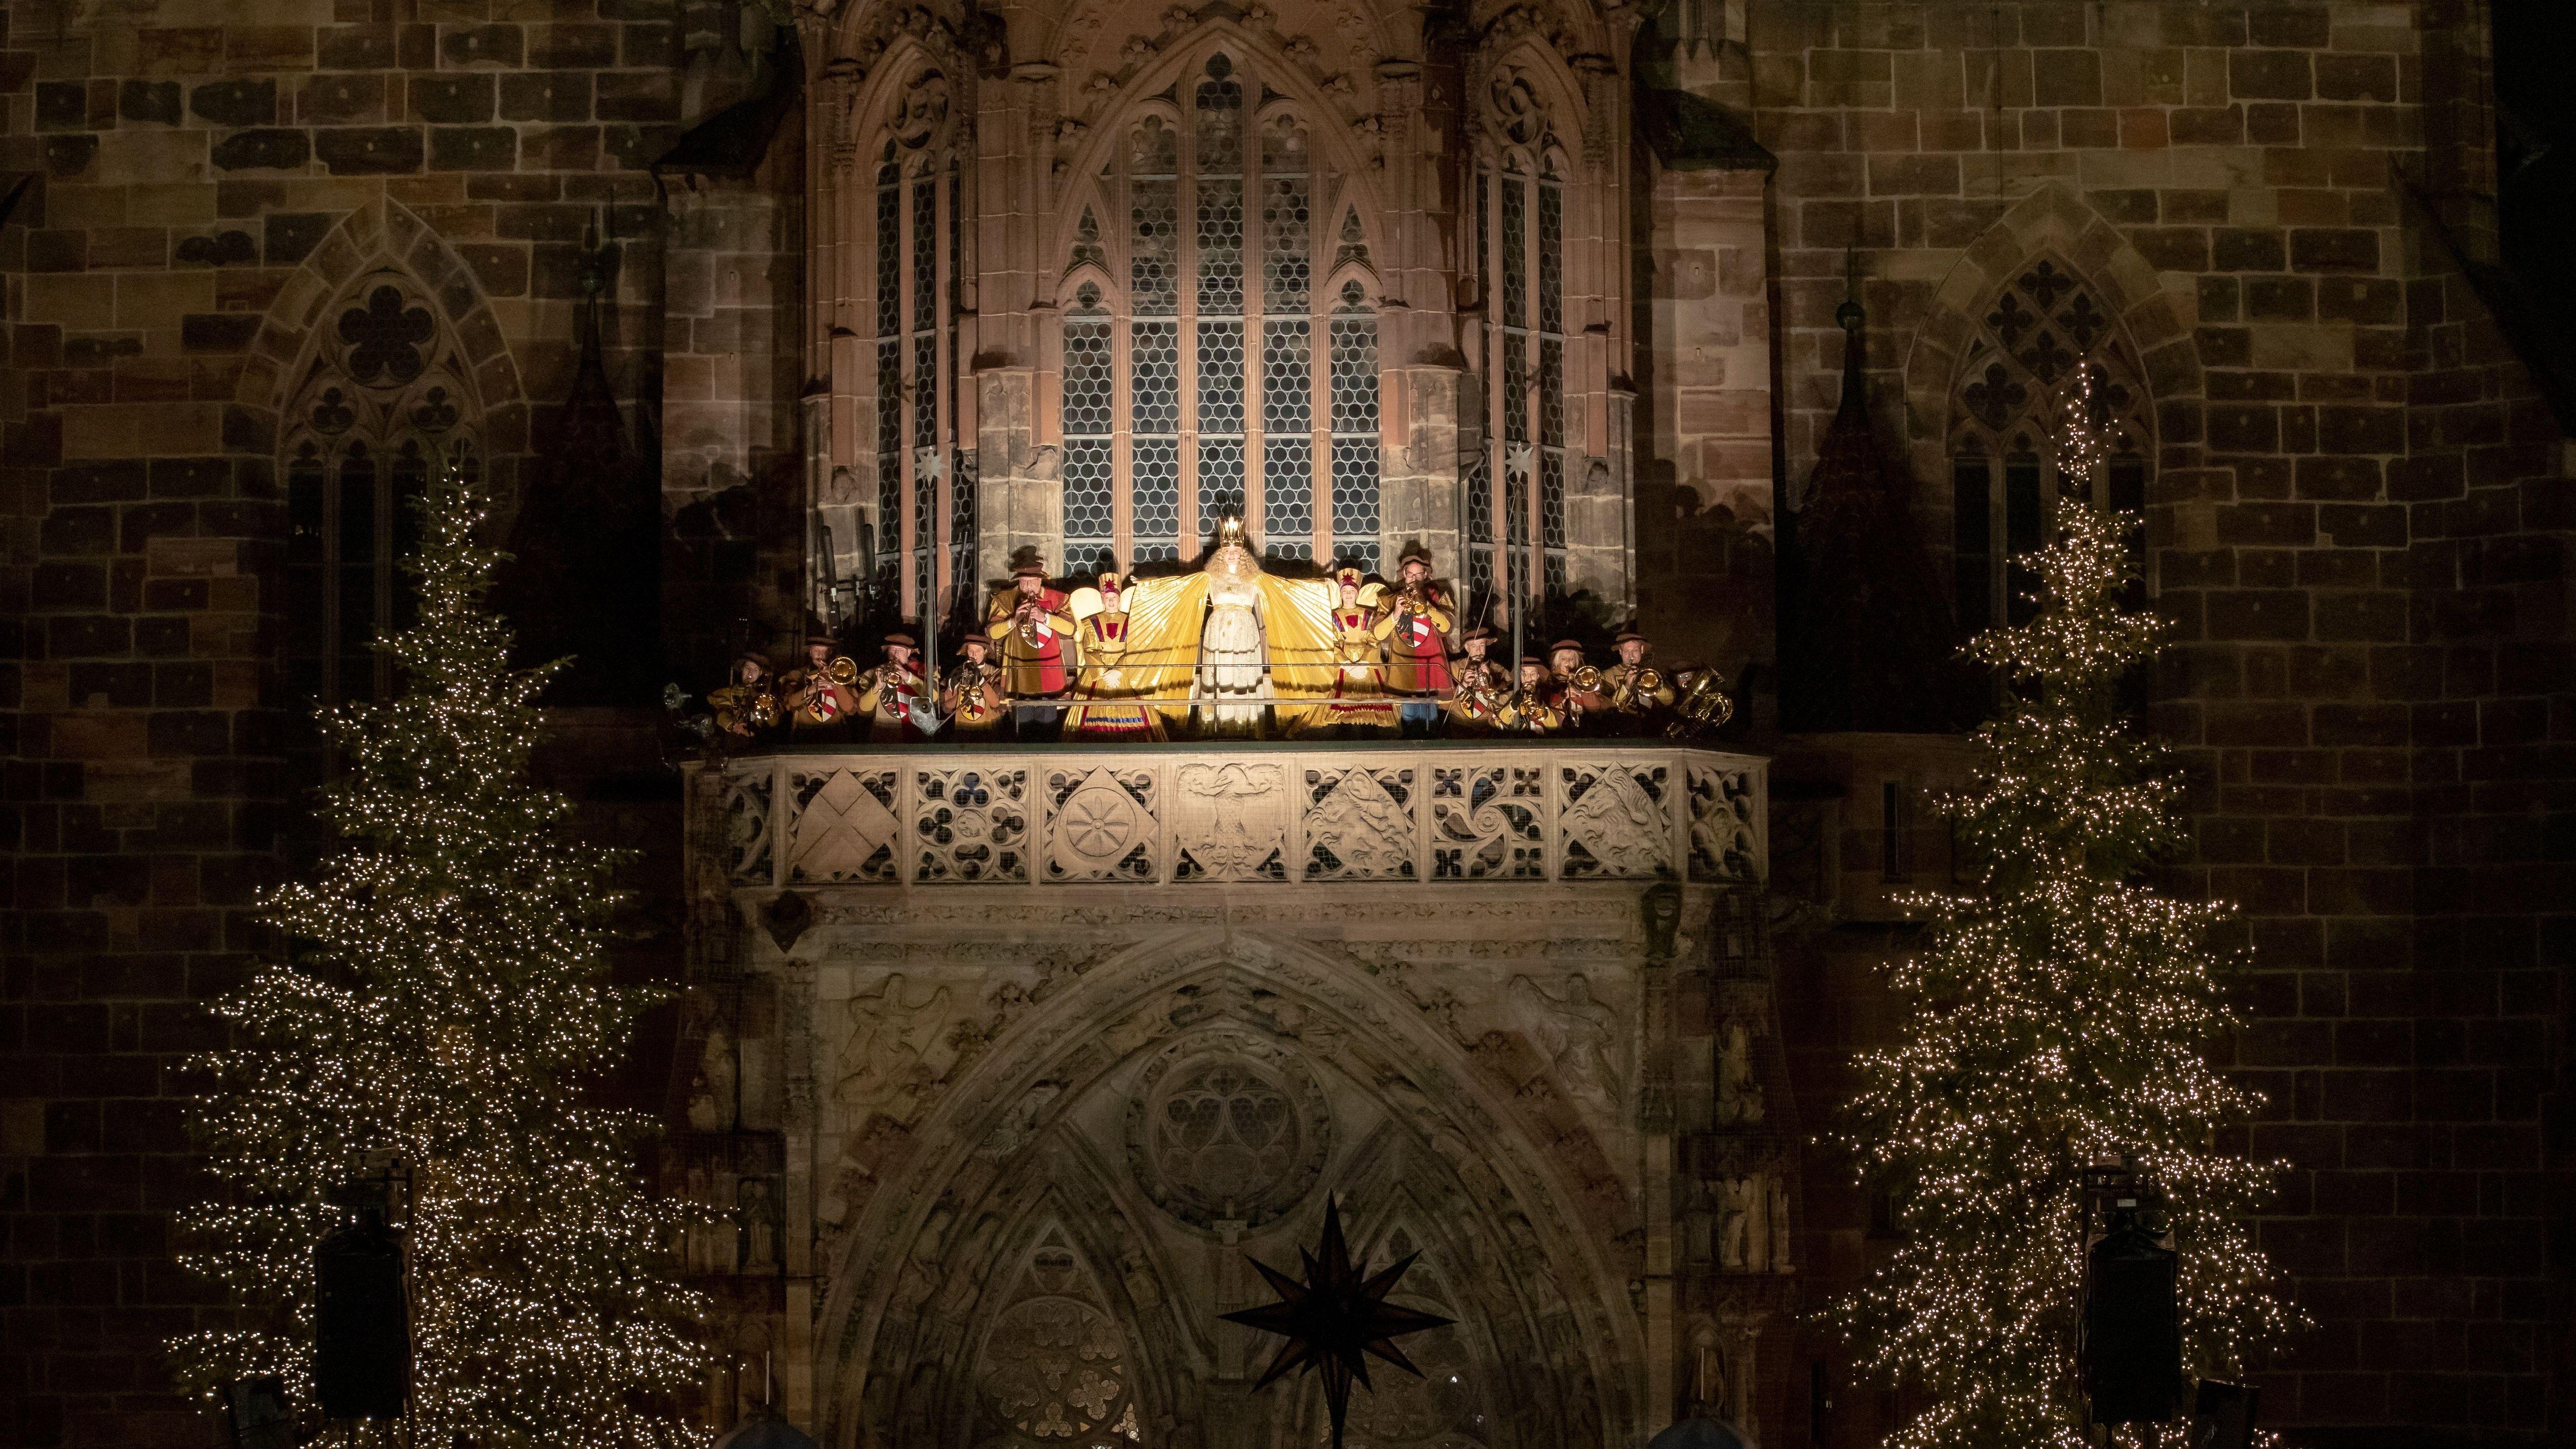 Die Eröffnung des Nürnberger Christkindlesmarktes von der Empore der Frauenkirche aus.